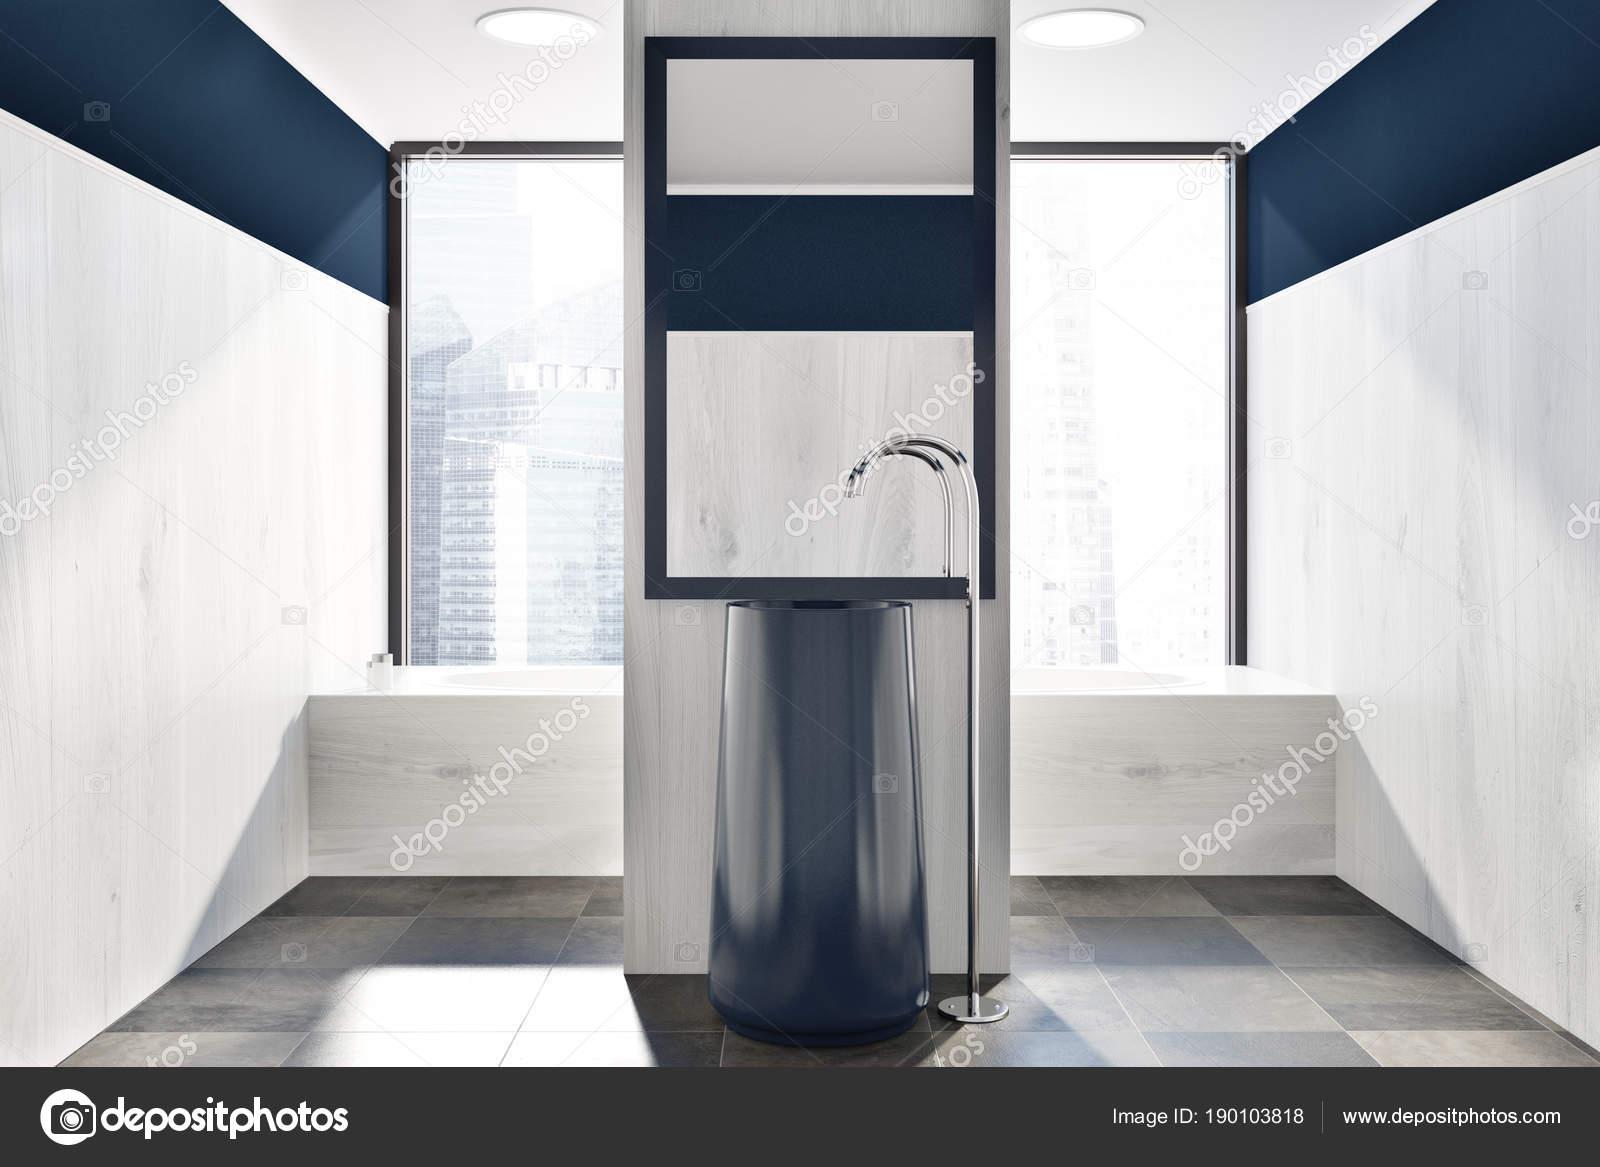 Loft badkamer interieur — Stockfoto © denisismagilov #190103818